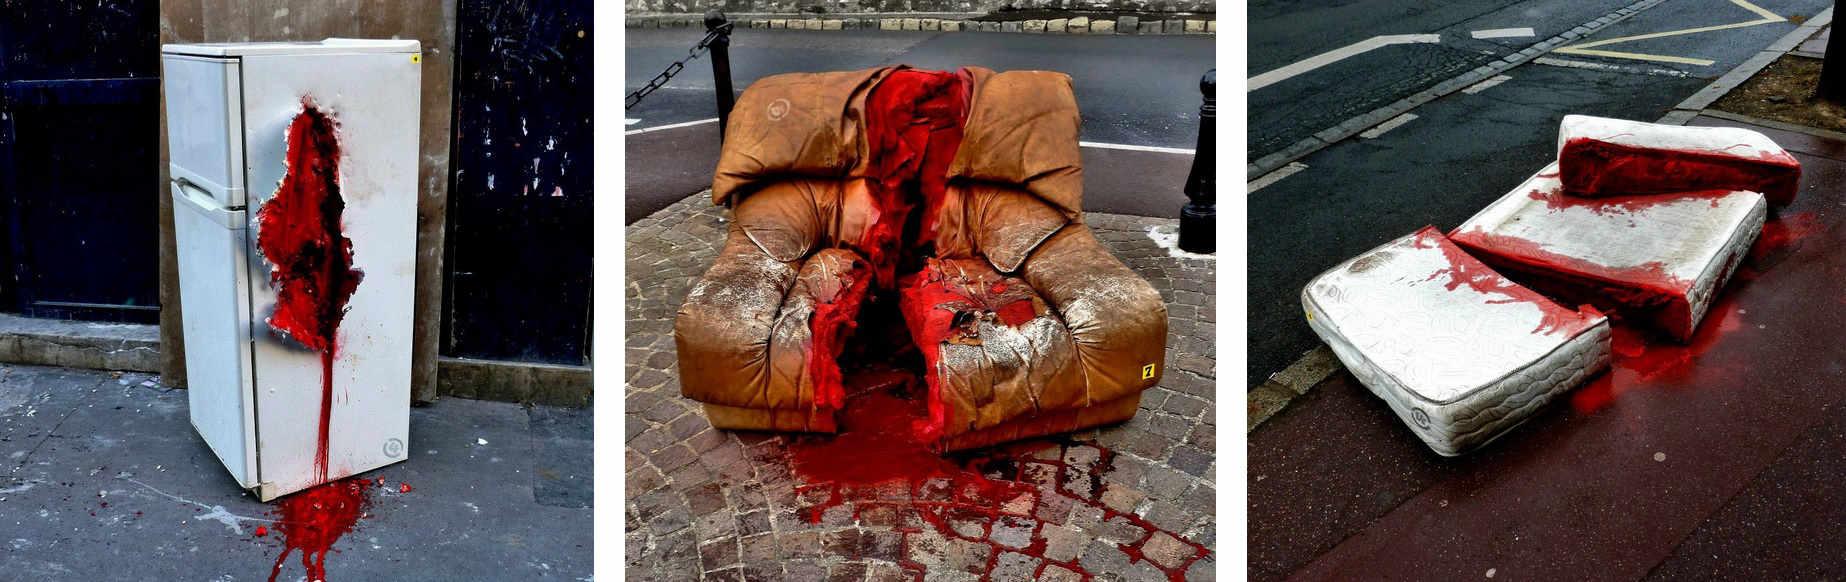 lork-objeticide-meurtre-objet-poubelle-consomation